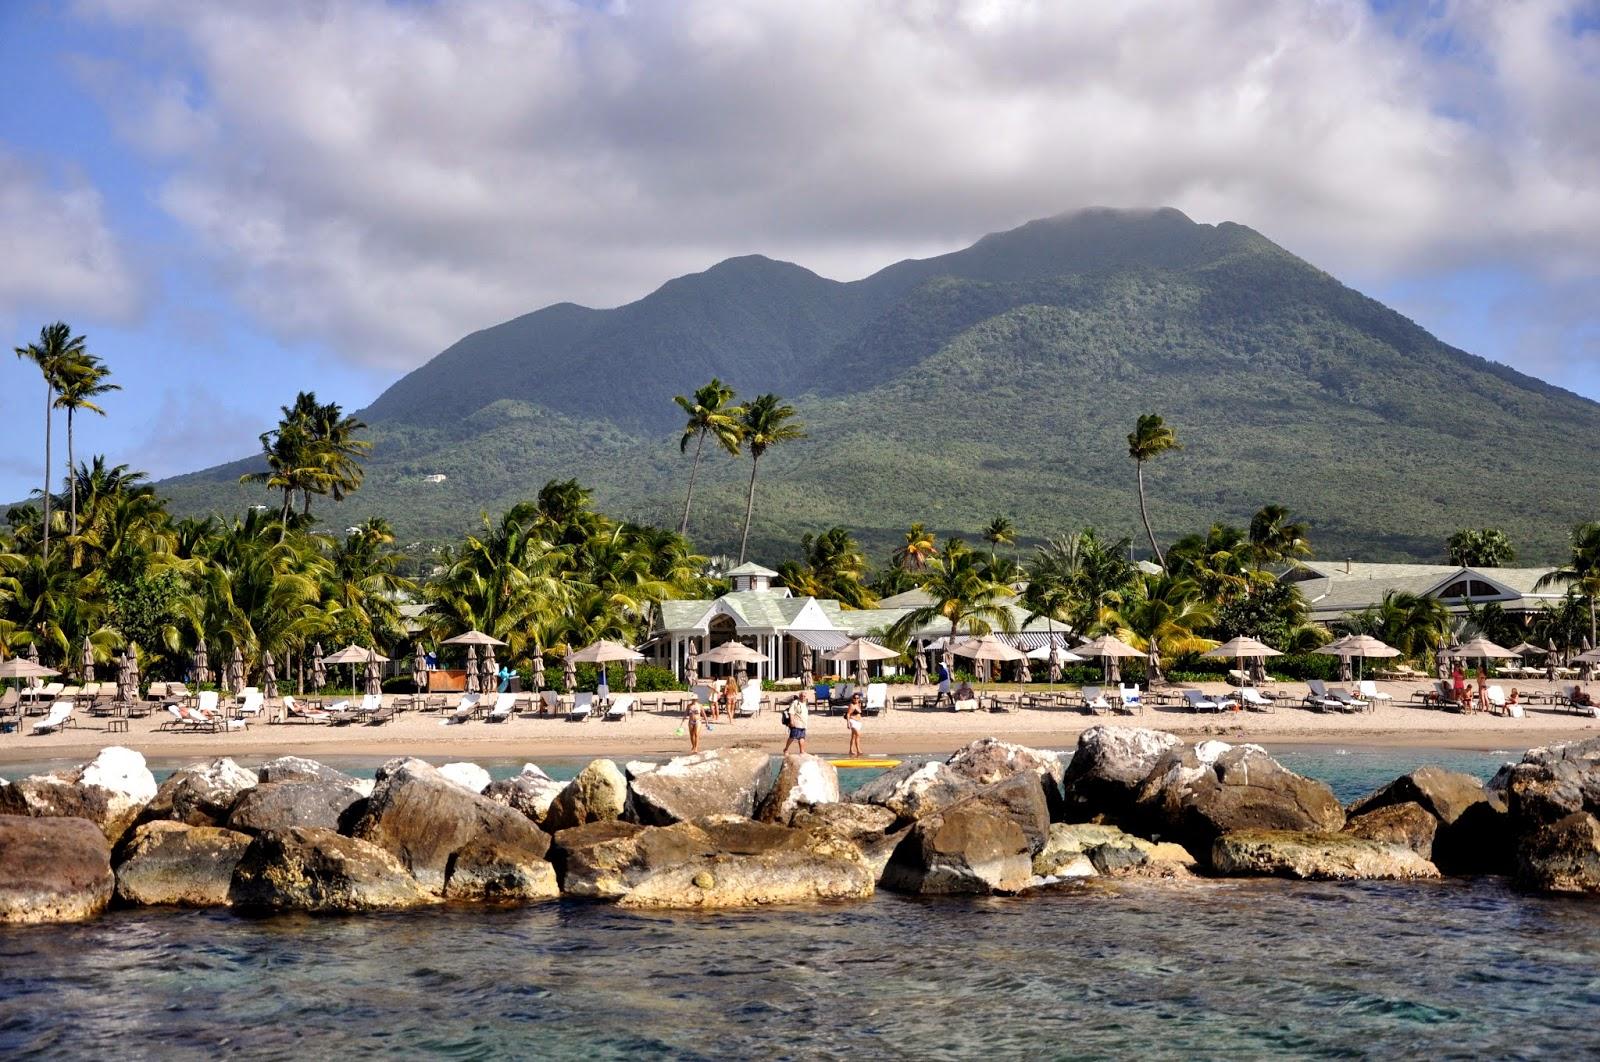 Noleggio Barche Whitrhouse Bay – Isola di St. Kitts - Navalia | Noleggia un Sogno